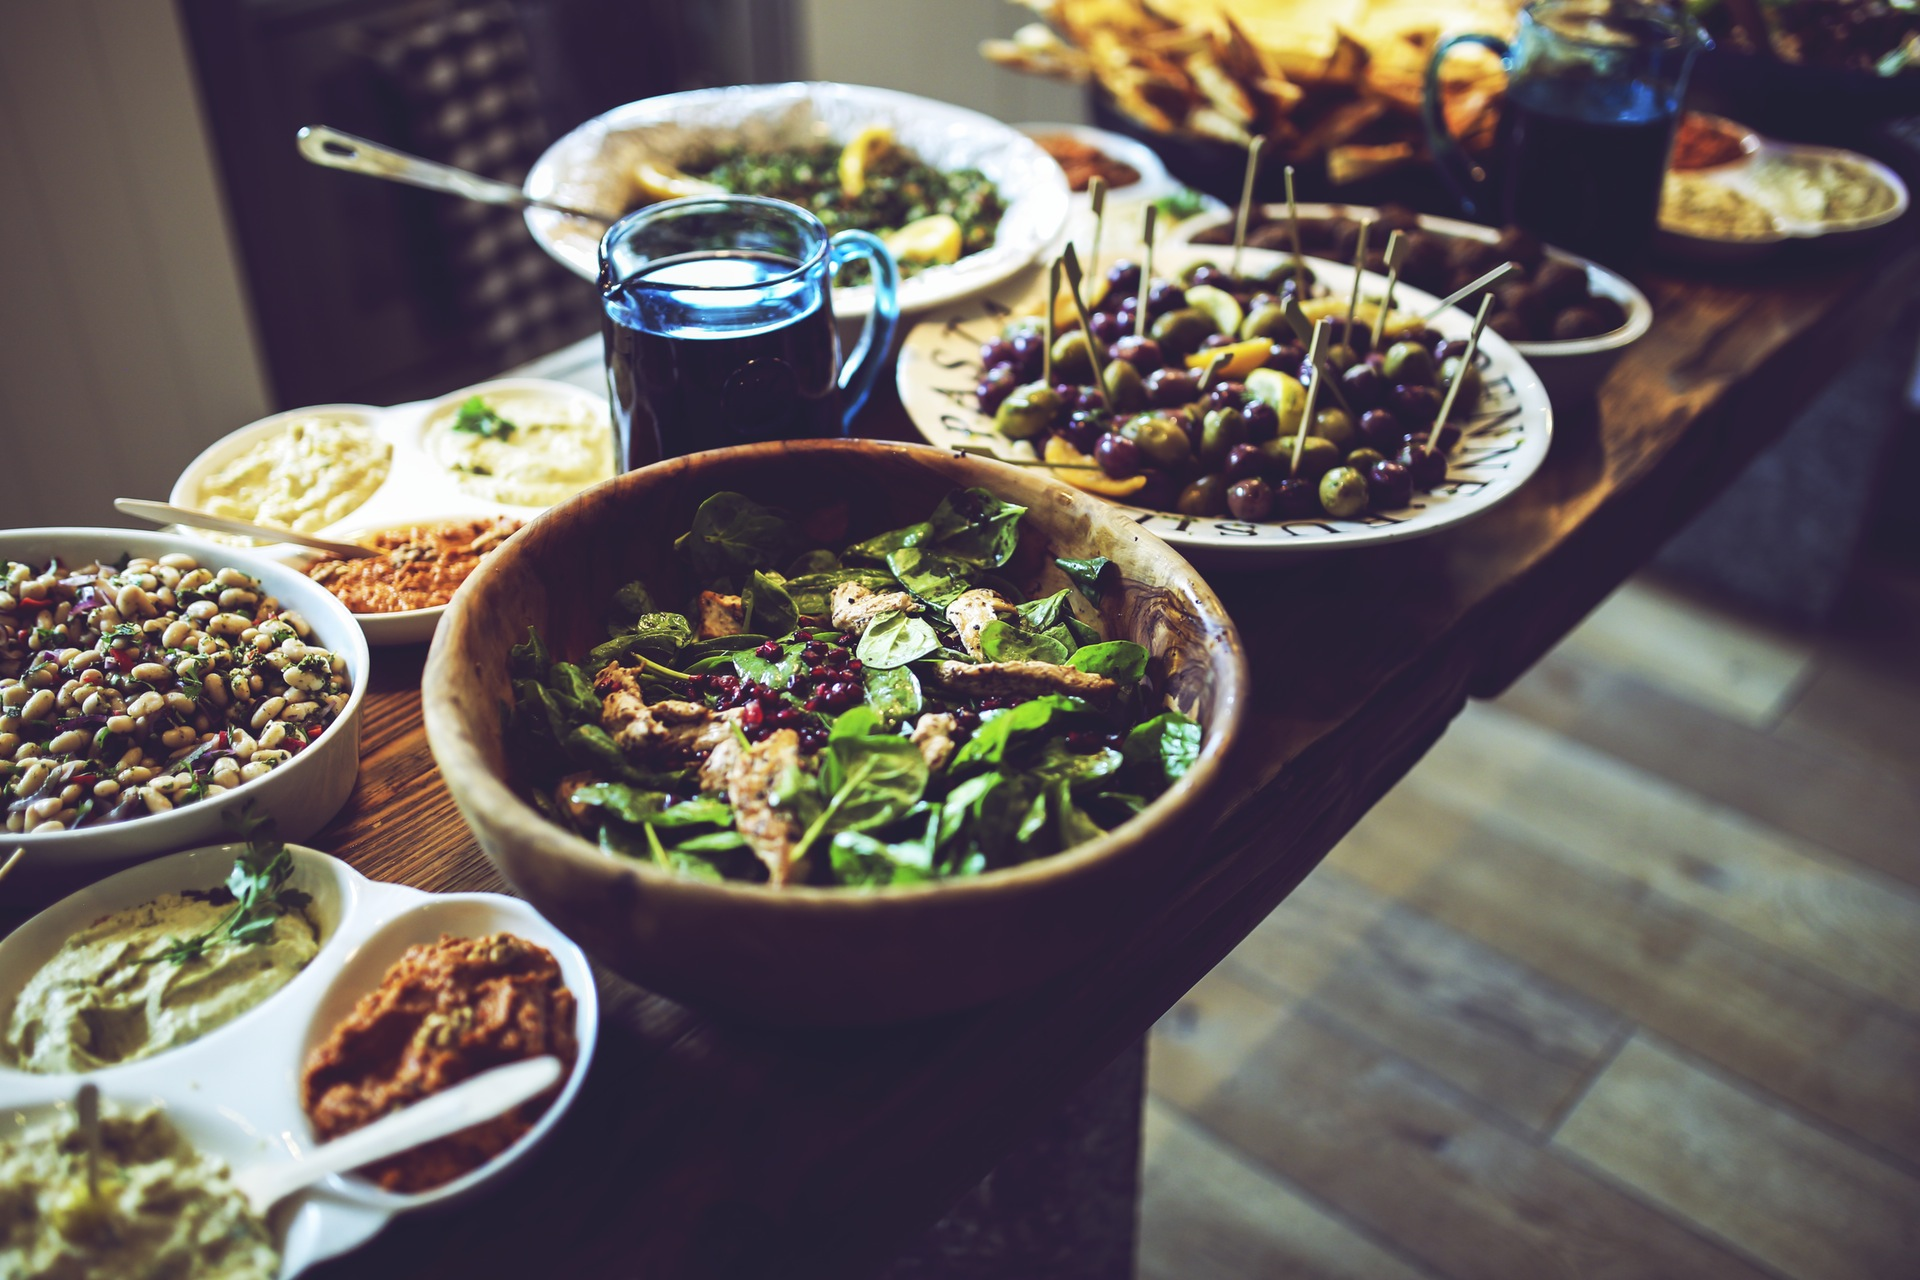 comida, Salada, produtos hortícolas, saudável, cozinha, delicioso - Papéis de parede HD - Professor-falken.com